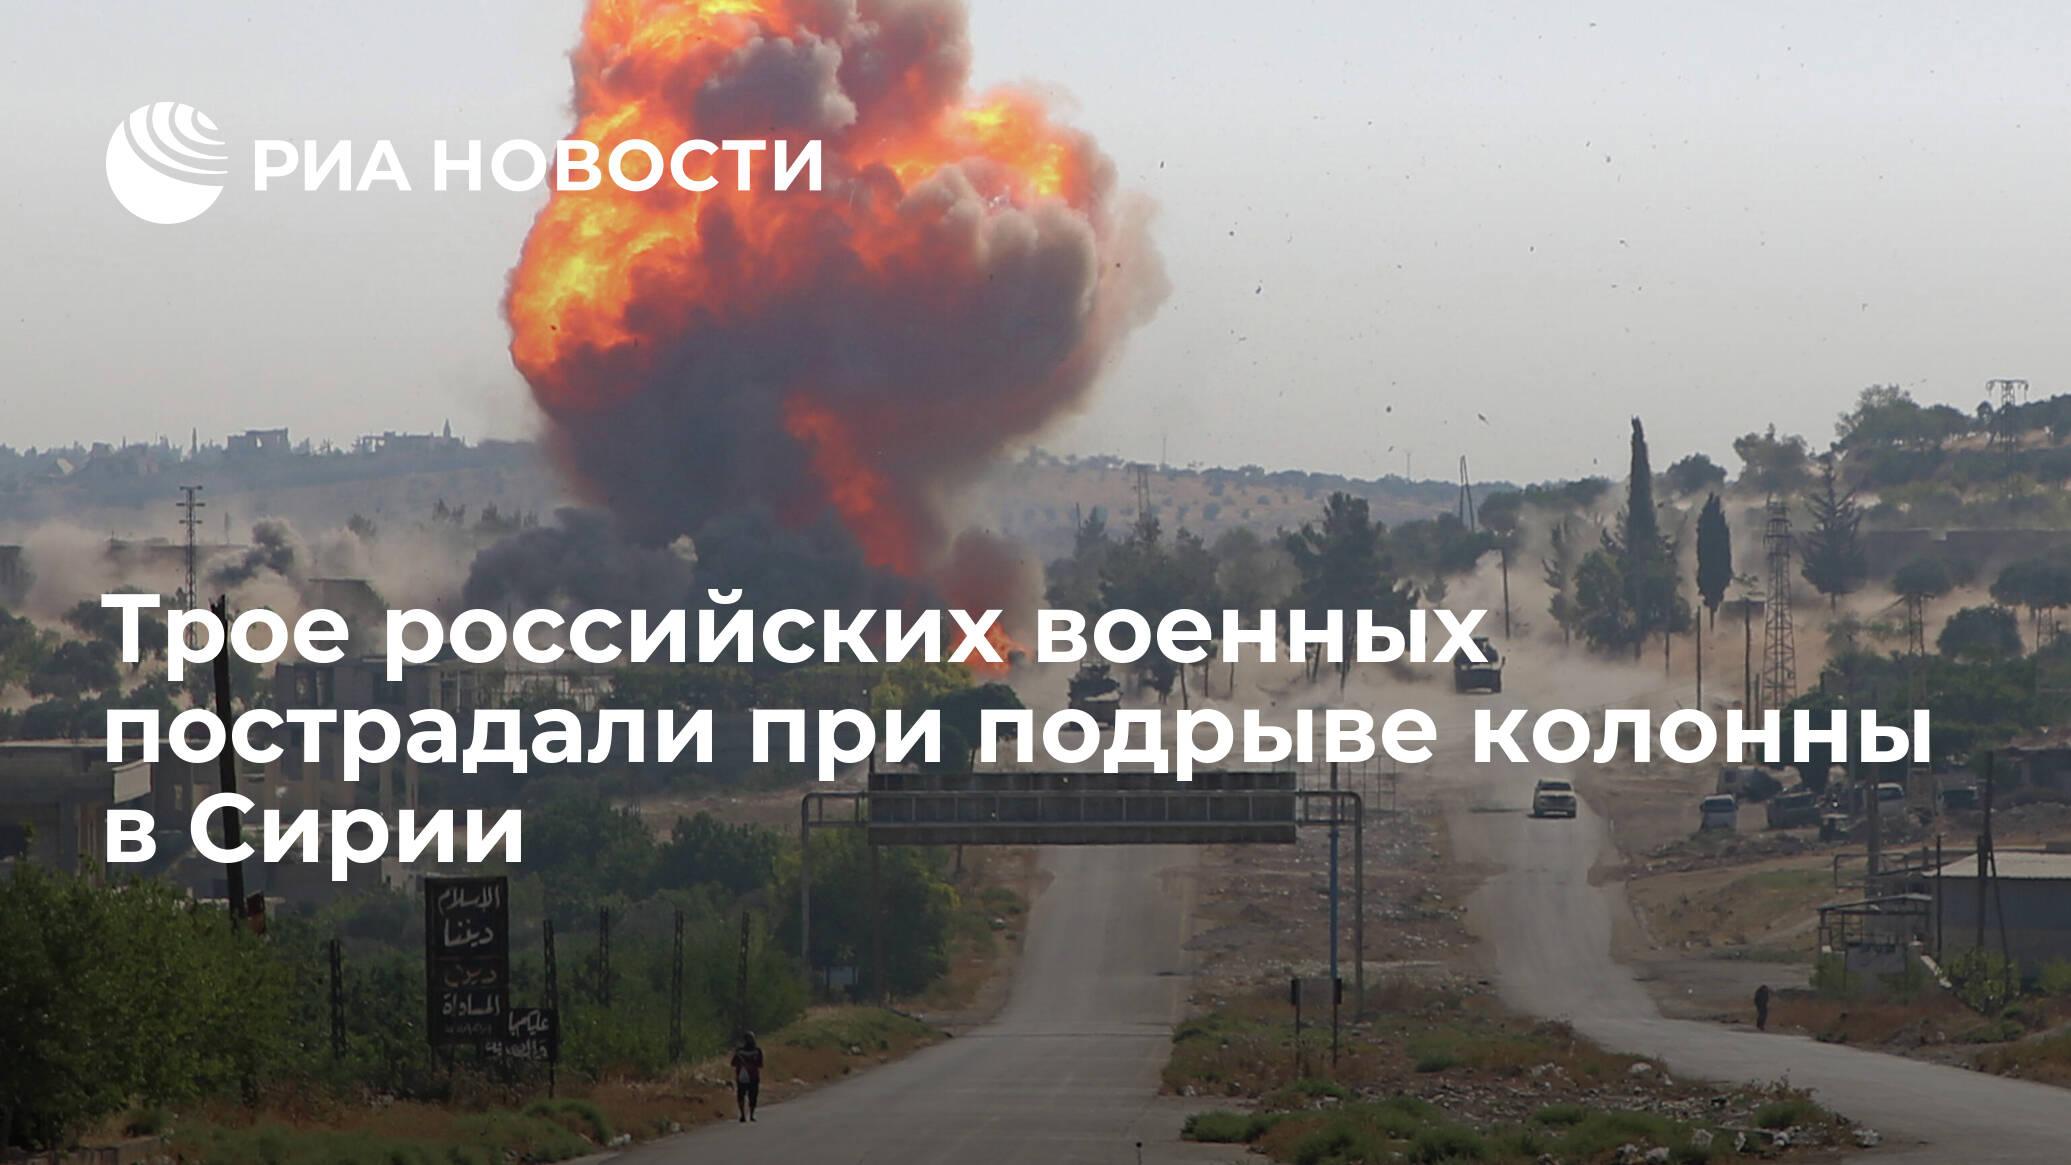 Трое российских военных пострадали при подрыве колонны в Сирии